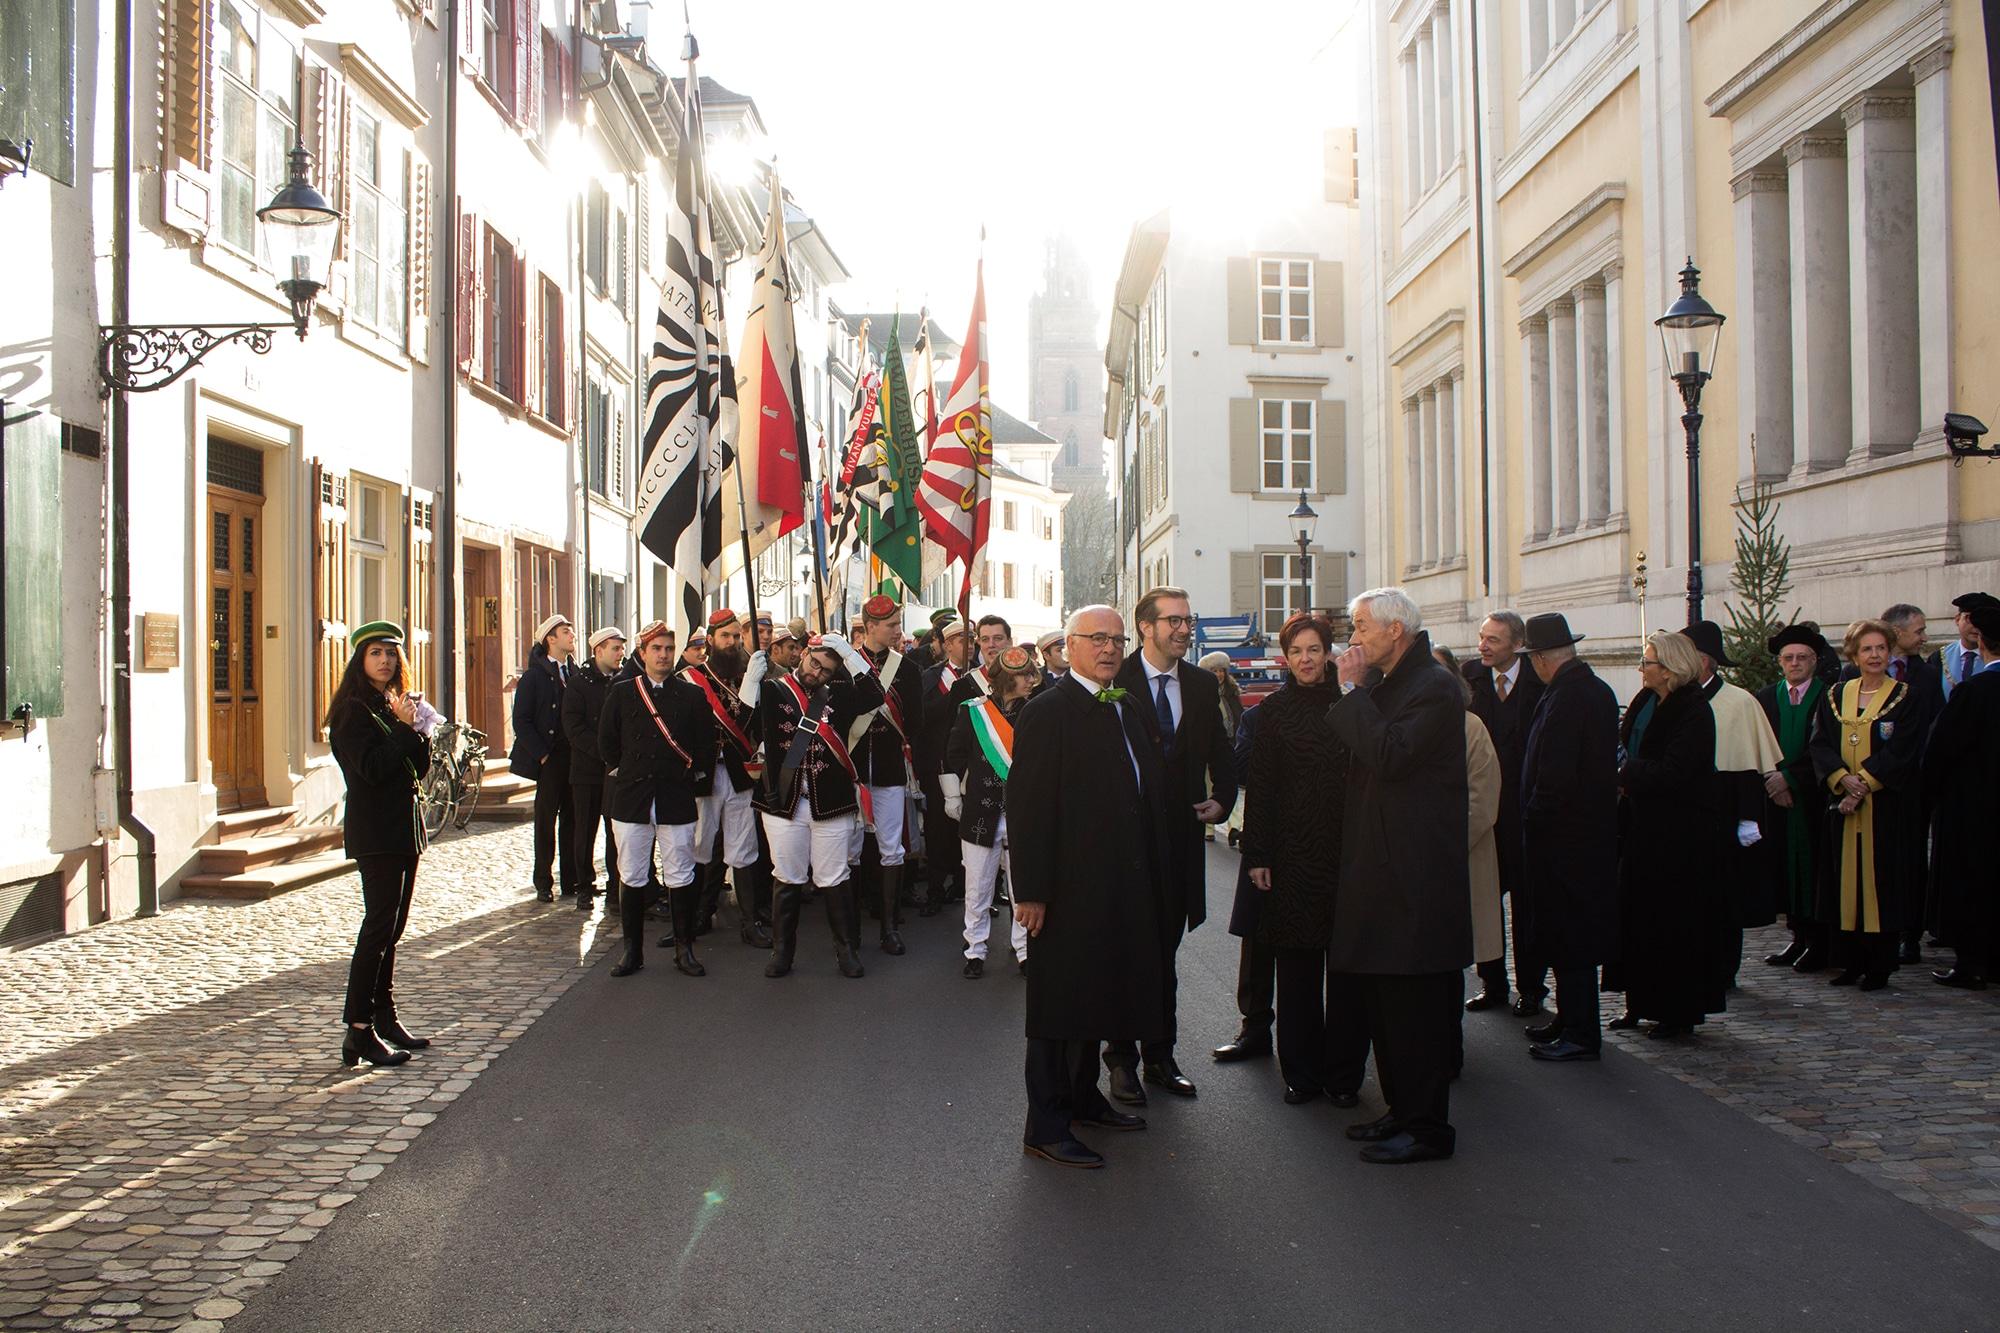 Besammlung der Honoratoren und Professoren vor dem Naturhistorischen Museum. In der Mitte die Erziehungsdirektoren beider Bas